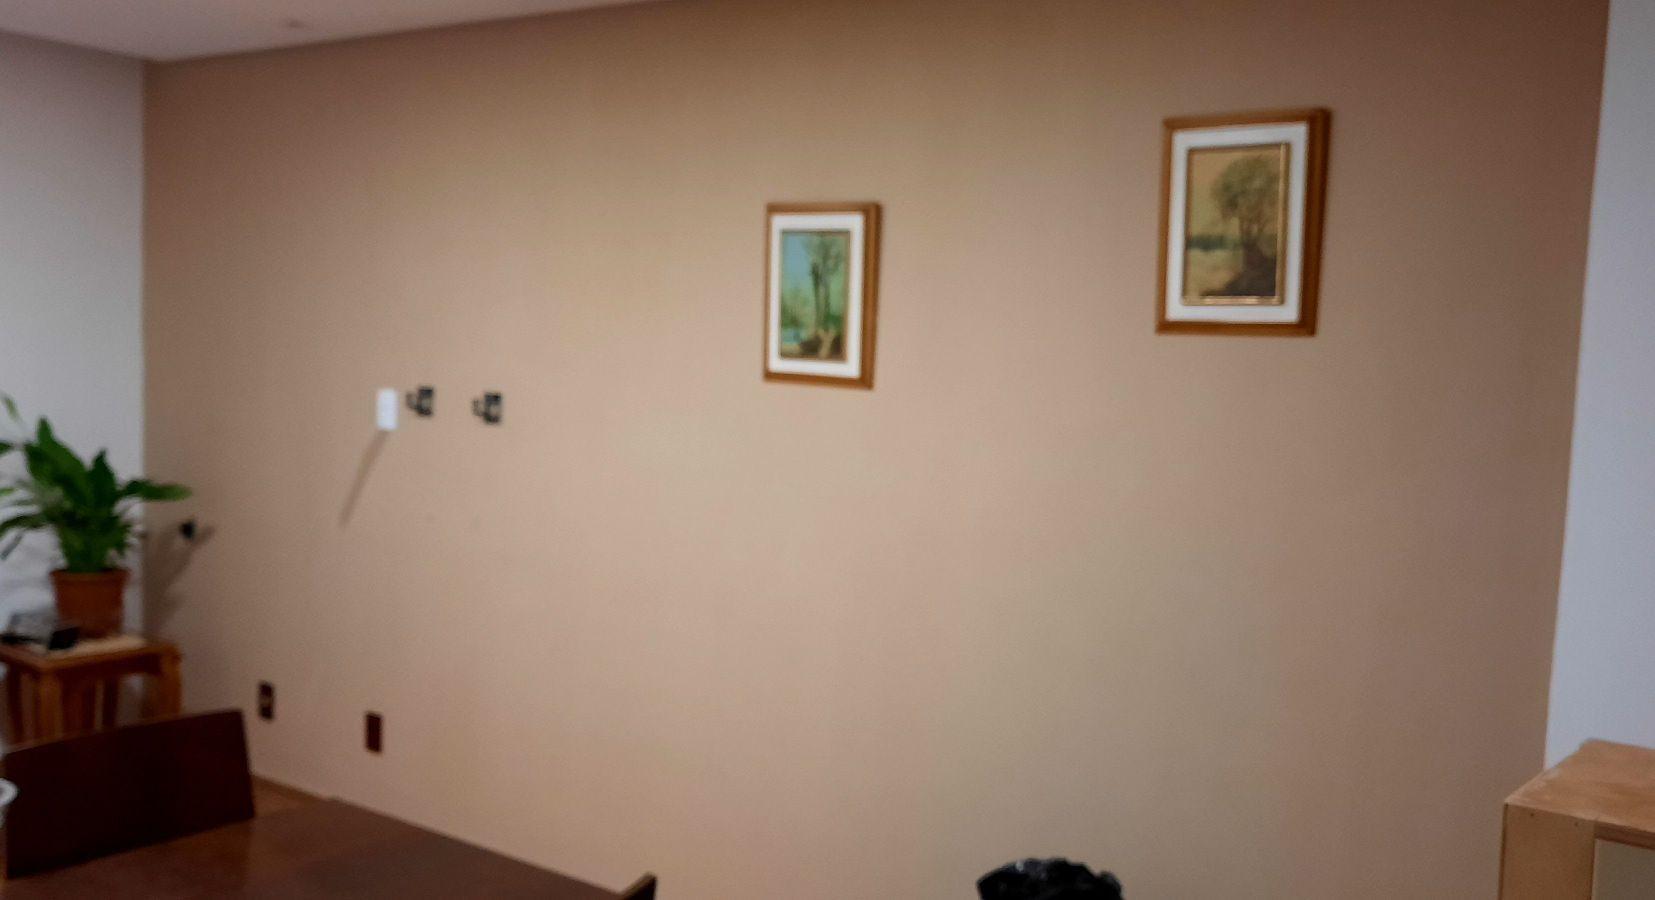 pintura de parede novo tom